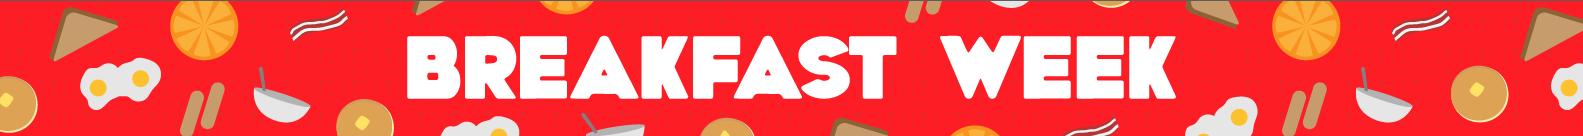 Eater-BreakfastWeek-Banner.0.png